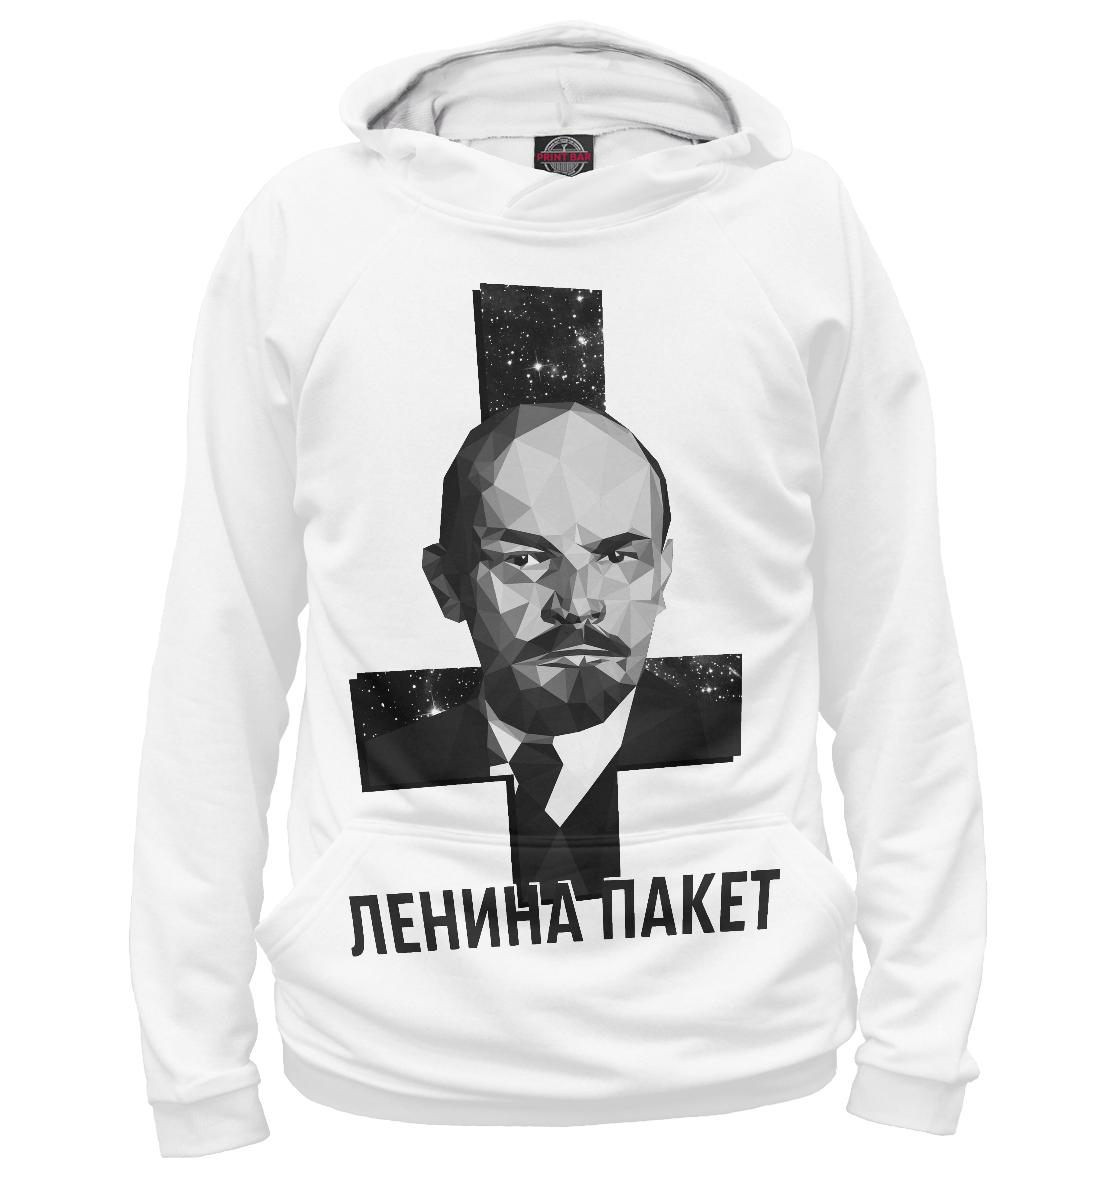 Купить Группа Ленина Пакет, Printbar, Худи, MZK-936854-hud-1